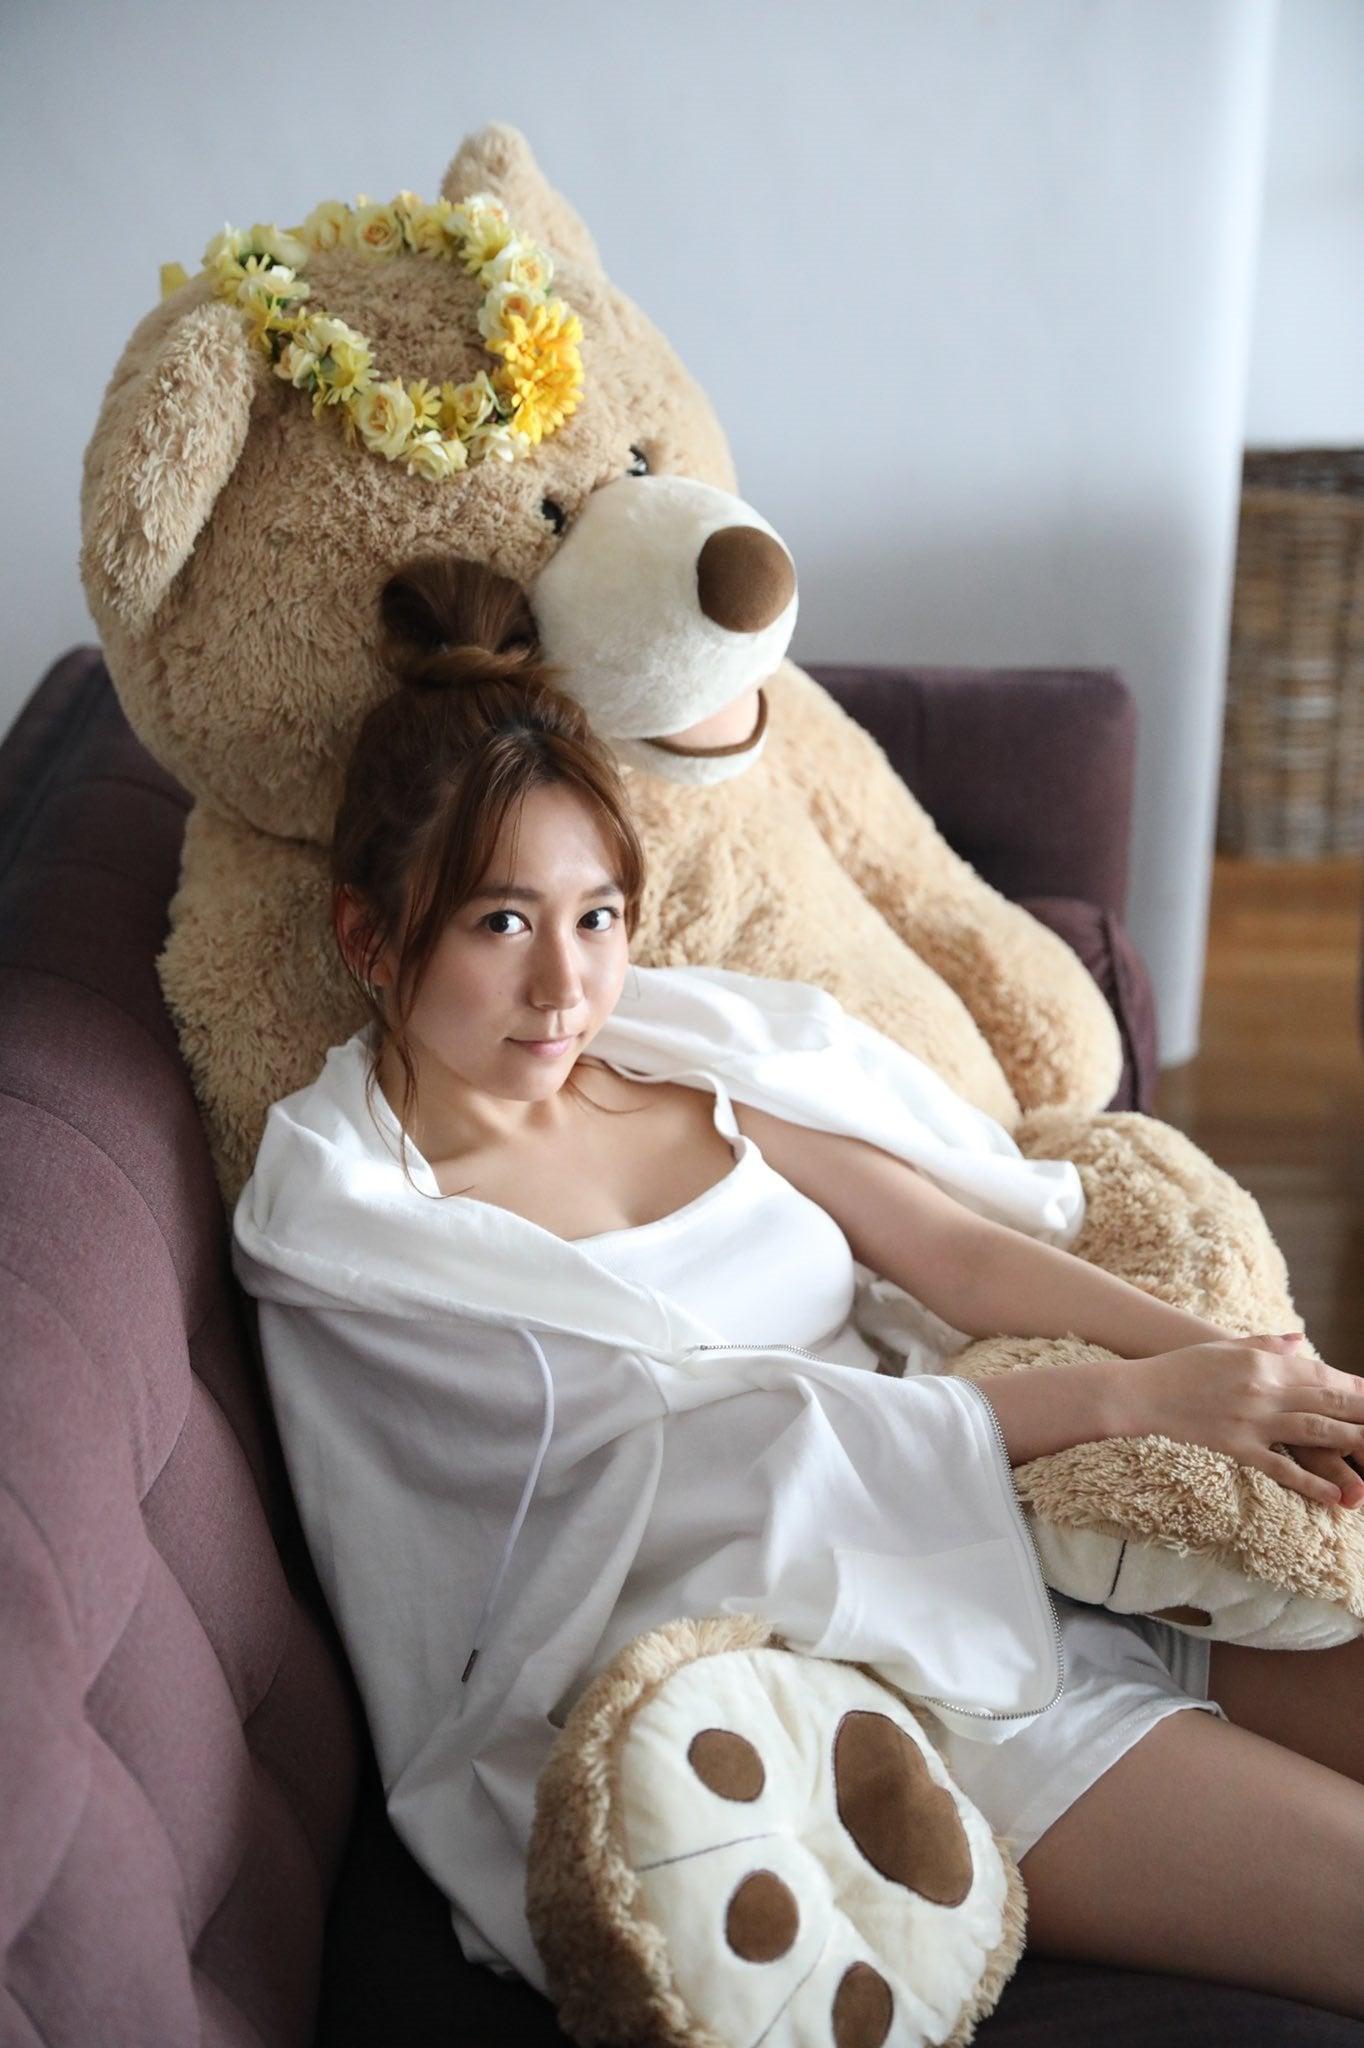 SKE48大場美奈「リラックス感溢れるショットにドキ…」2nd写真集重版決定【画像2枚】の画像002